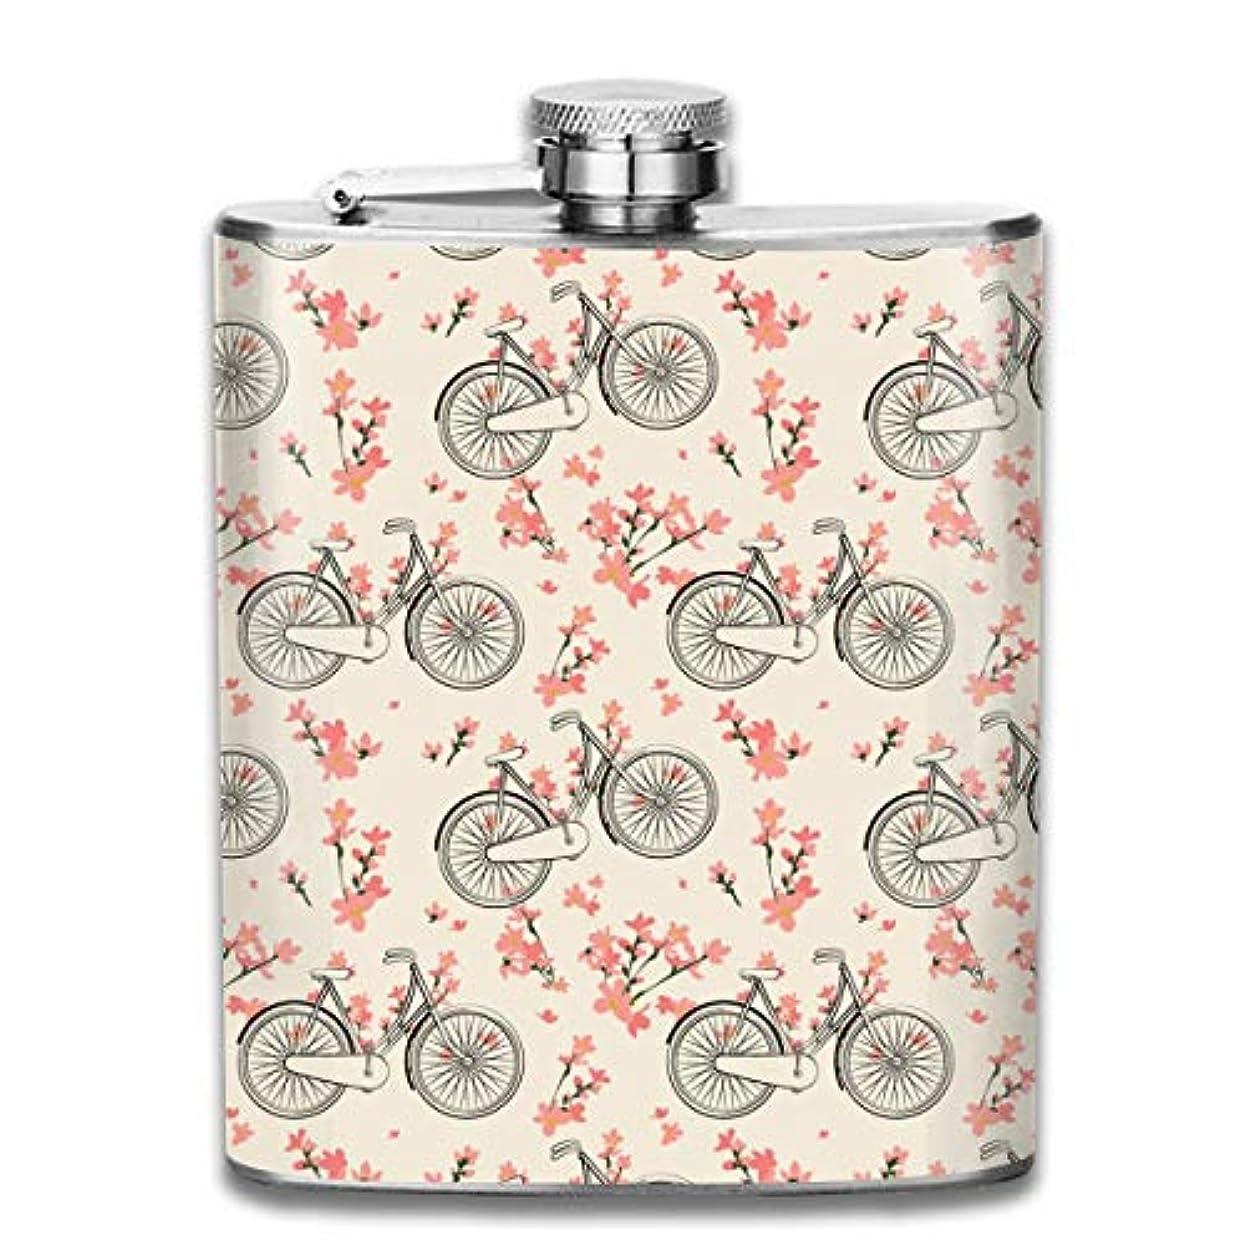 正統派ロボット可愛い自転車と花 フラスコ スキットル ヒップフラスコ 7オンス 206ml 高品質ステンレス製 ウイスキー アルコール 清酒 携帯 ボトル